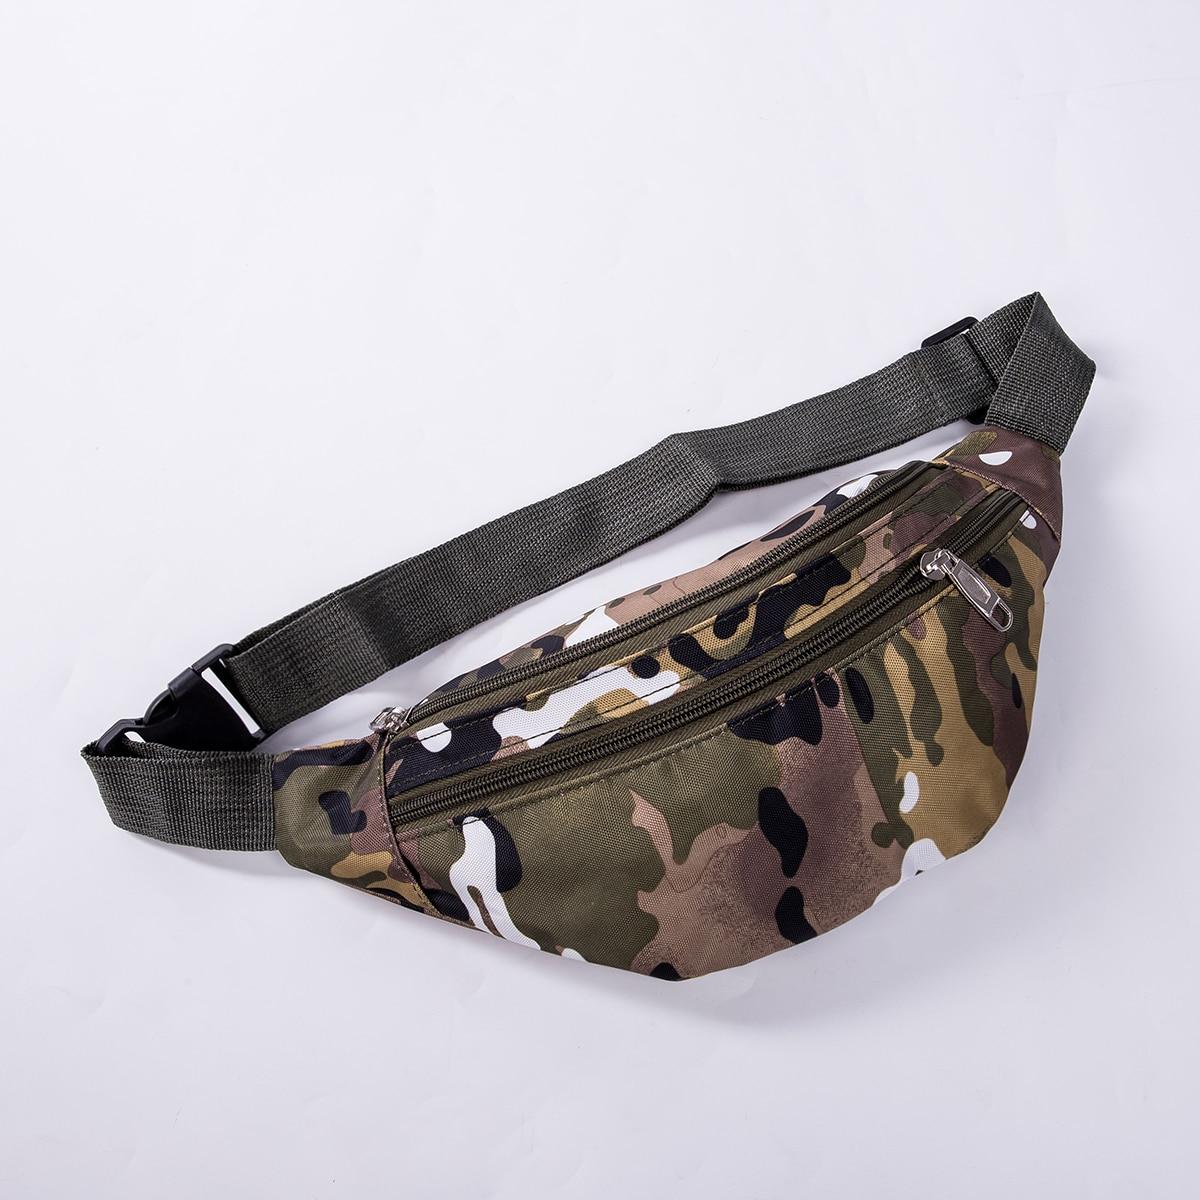 2019 Newest Hot Travel BUM BAG Bumbag Waist Money Belt Passport Wallet Zipped Security Pouch Camouflage Waist Packs